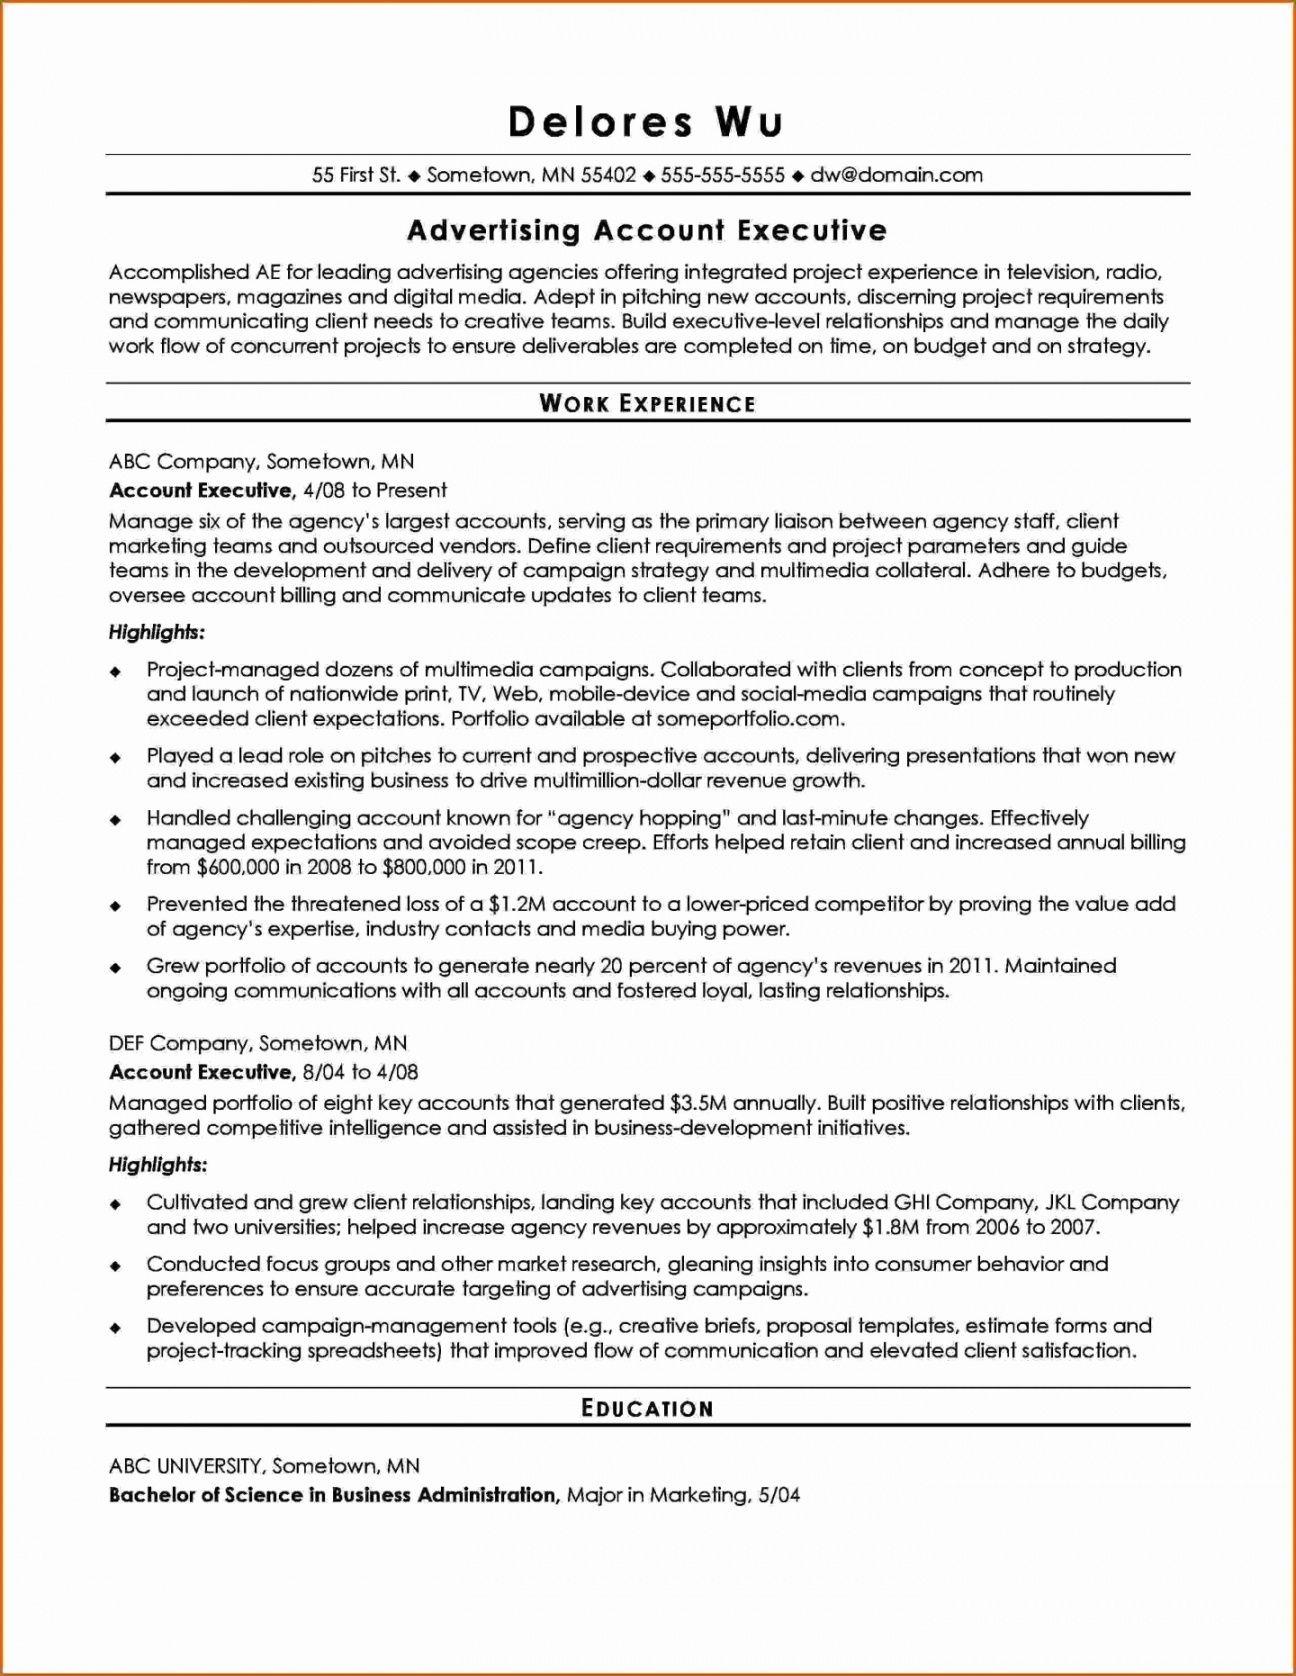 sample business plan marketing proposal network template format for networking proposal template pdf